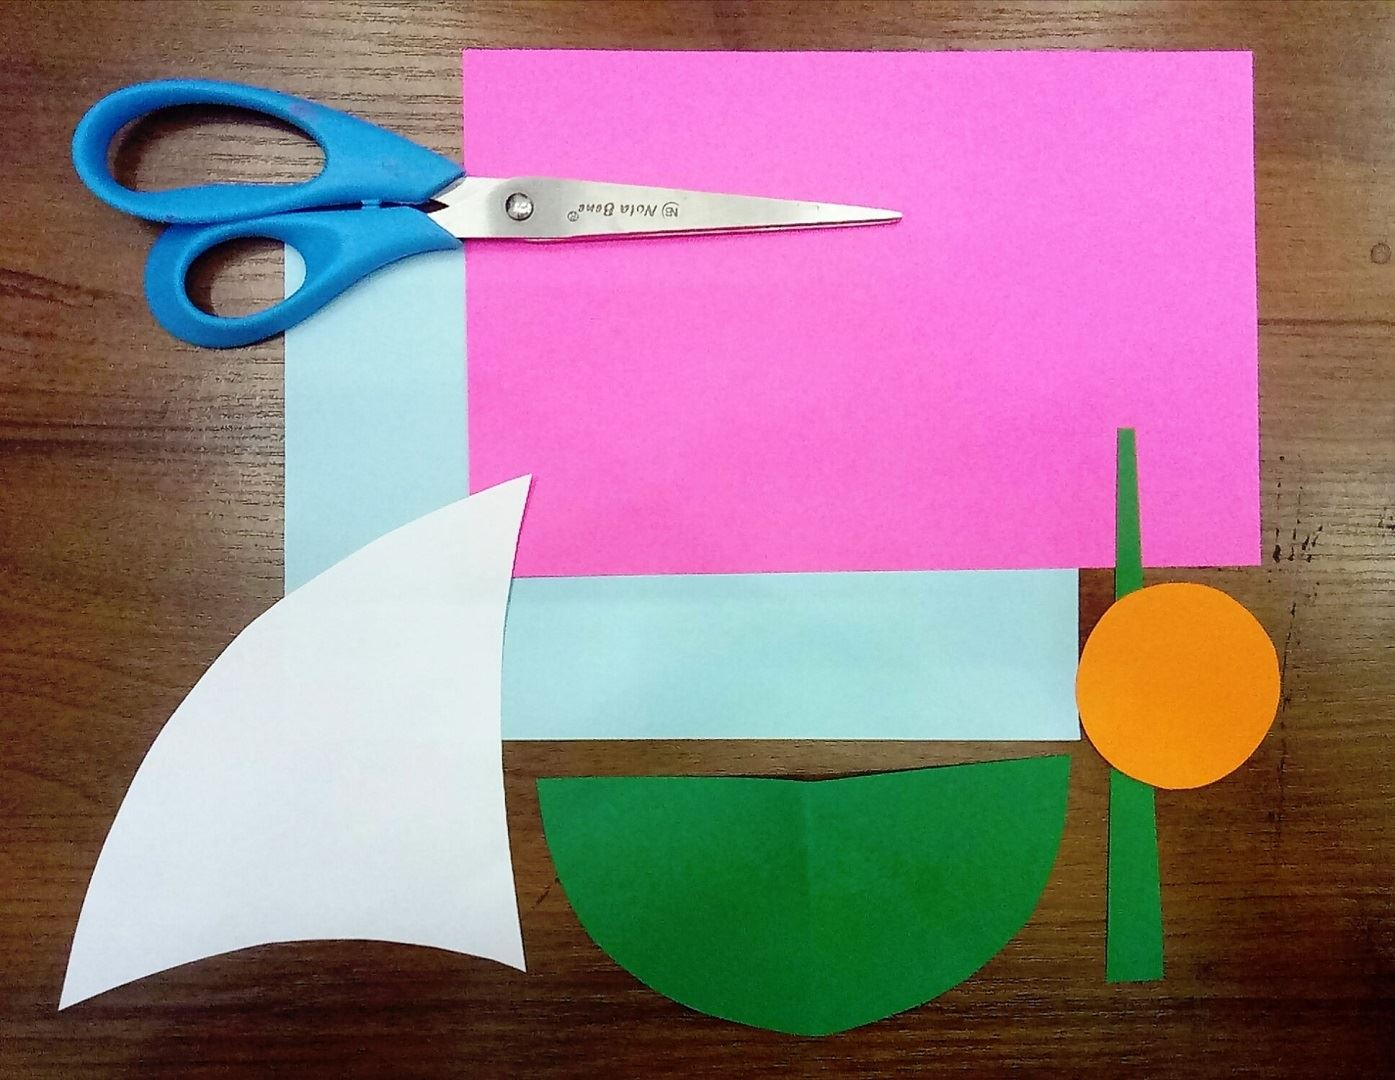 Начинаем с того,что подготовим все необходимые нам детали. Из белой бумаги мы вырезаем парус, напоминающий плавник акулы:) Затем нам нужно вырезать оранжевый кружок и зелёный большой полукруг , к которому добавляем небольшую сужающийся полоску. Готово, идём дальше